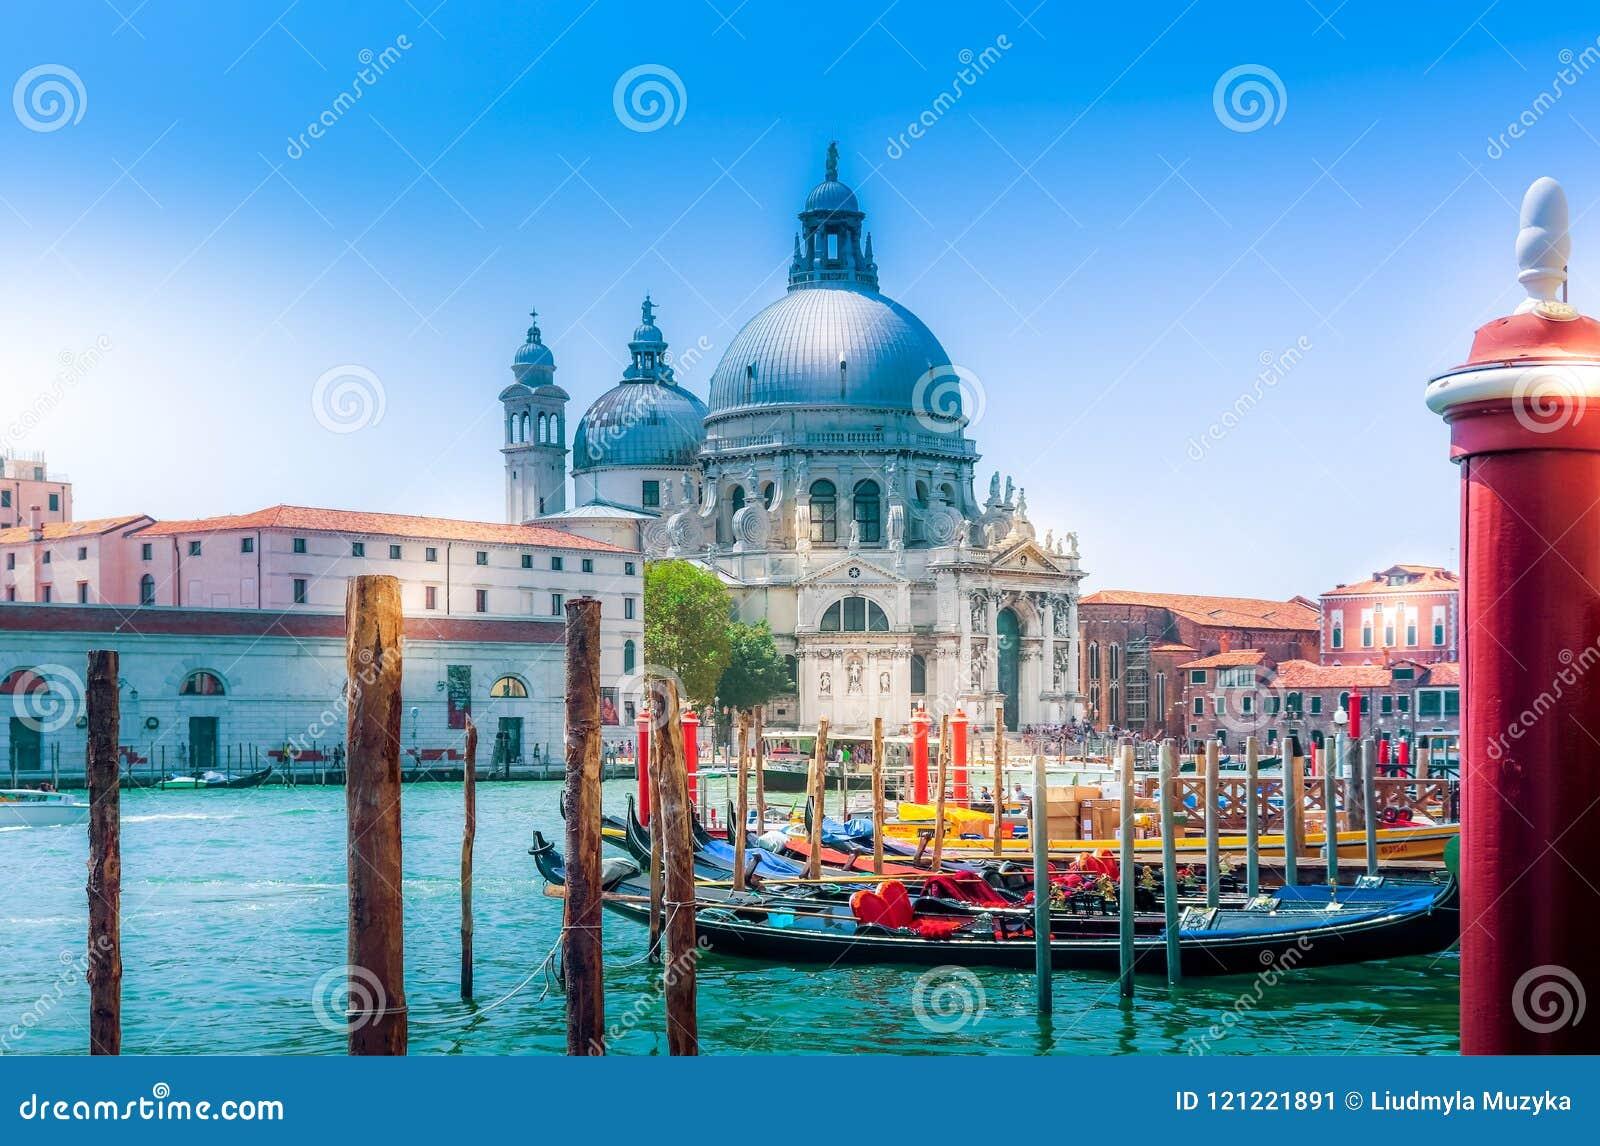 Venedig sikt på kyrkliga basilikadi Santa Maria della Salute och kanalen med gondoler